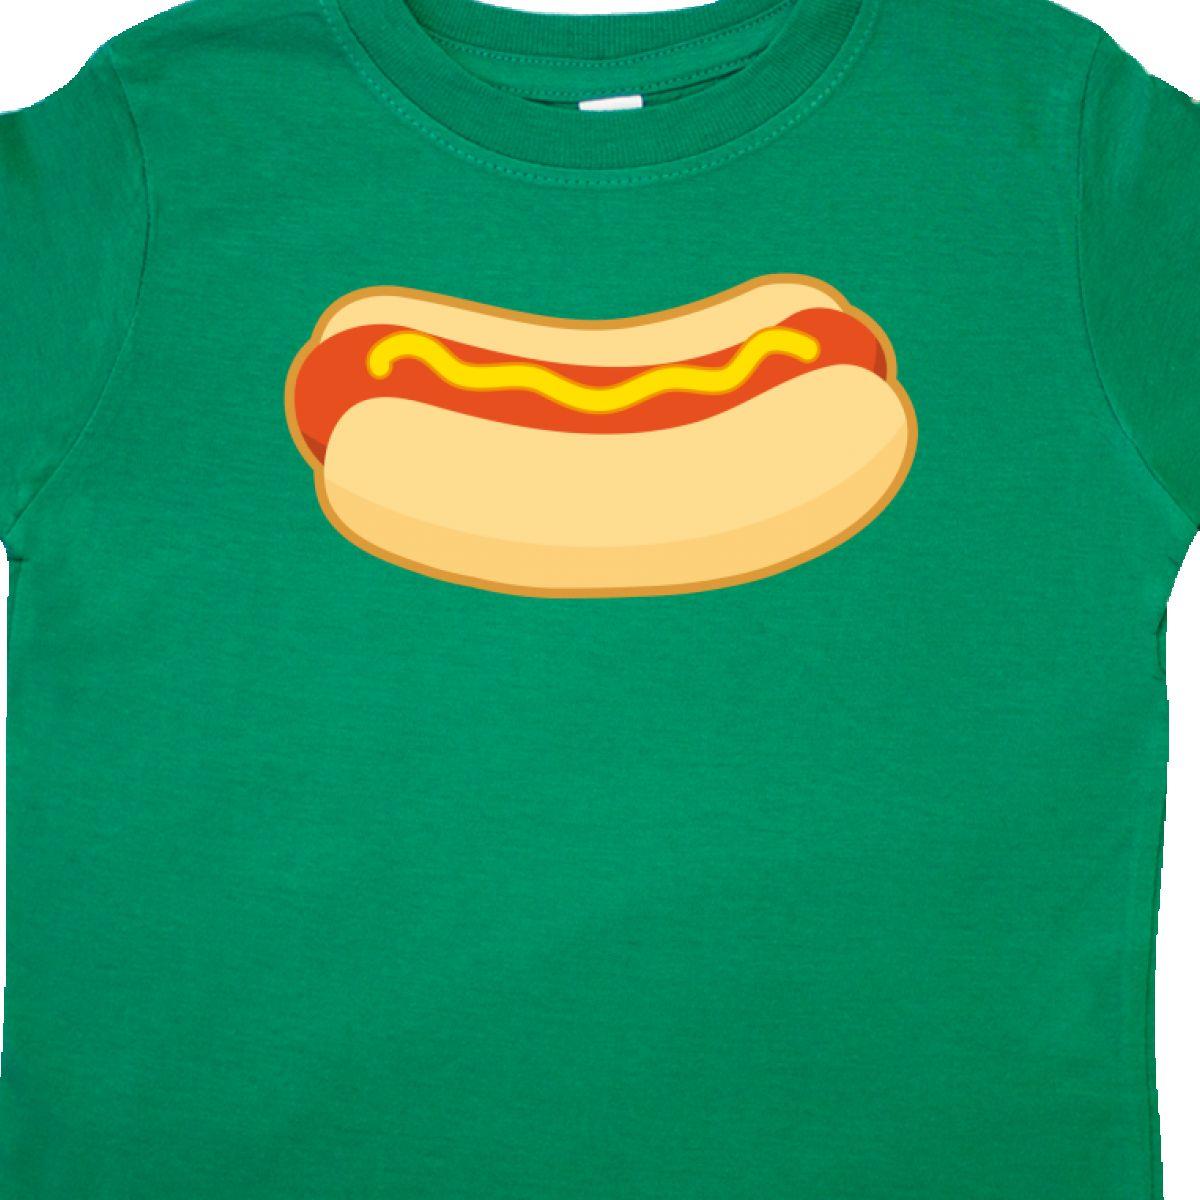 Inktastic-Funny-Hot-Dog-Toddler-T-Shirt-Food-Bbq-Picnic-Summer-Apparel-Gift-Kid thumbnail 8